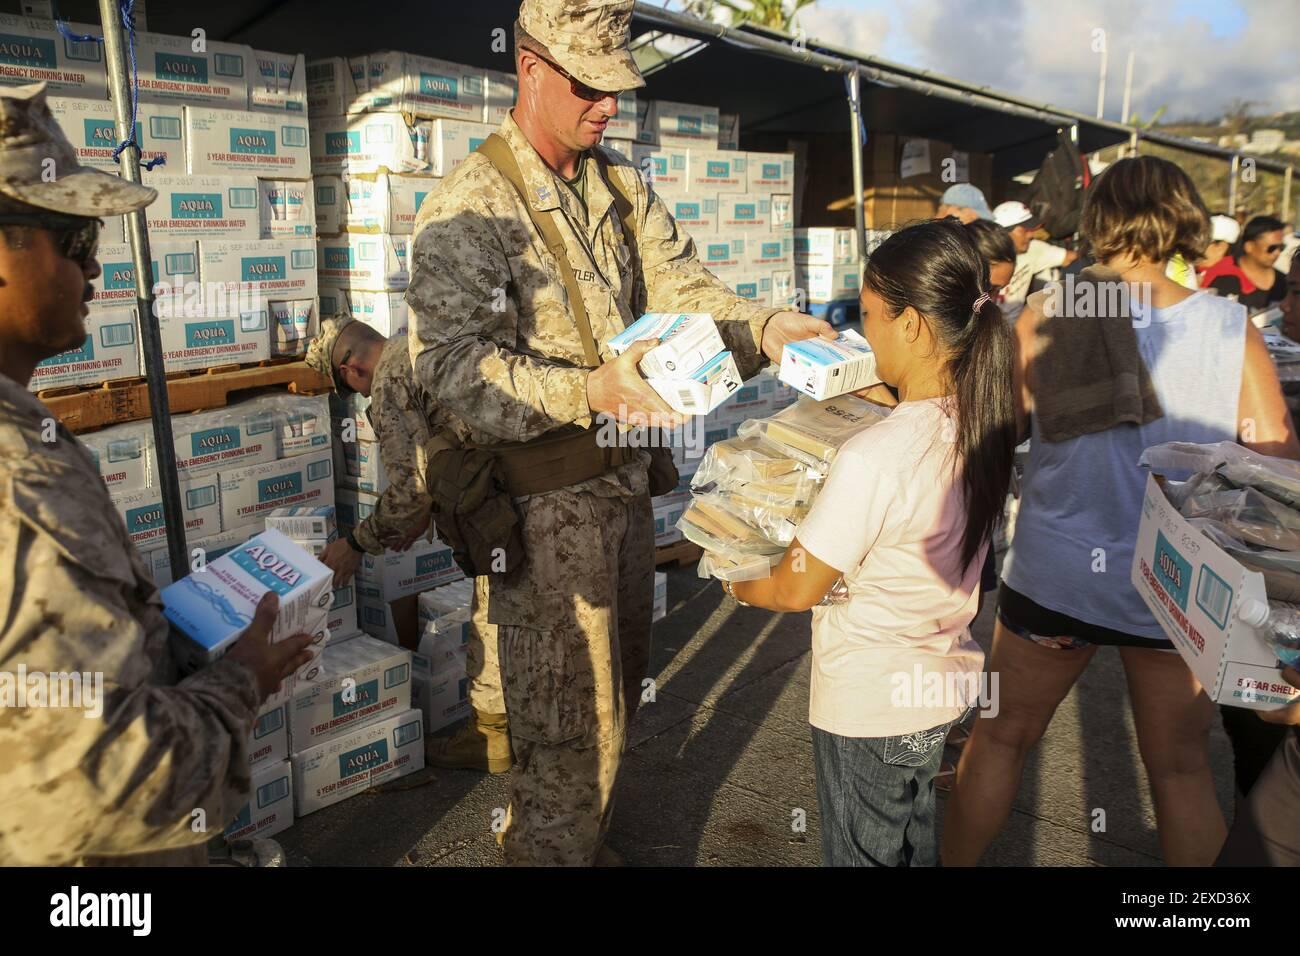 SAIPAN (agosto 9, 2015) Jeffrey Butler distribuye agua en un refugio en Saipan, 9 de agosto de 2015. Los infantes de marina asignados a Echo Company, Batallón Landing Team 2nd Batallón, 5th Marines, 31st Marine Expeditionary Unit (31st MEU), están ayudando a las agencias locales y federales con los esfuerzos de ayuda de tifón en Saipan después de que la isla fuera golpeada por el tifón Soudelor, del 2 al 3 de agosto. (Foto Cpl. Ryan C. Mains/EE.UU Marine Corps) *** por favor use crédito del campo de crédito *** Foto de stock